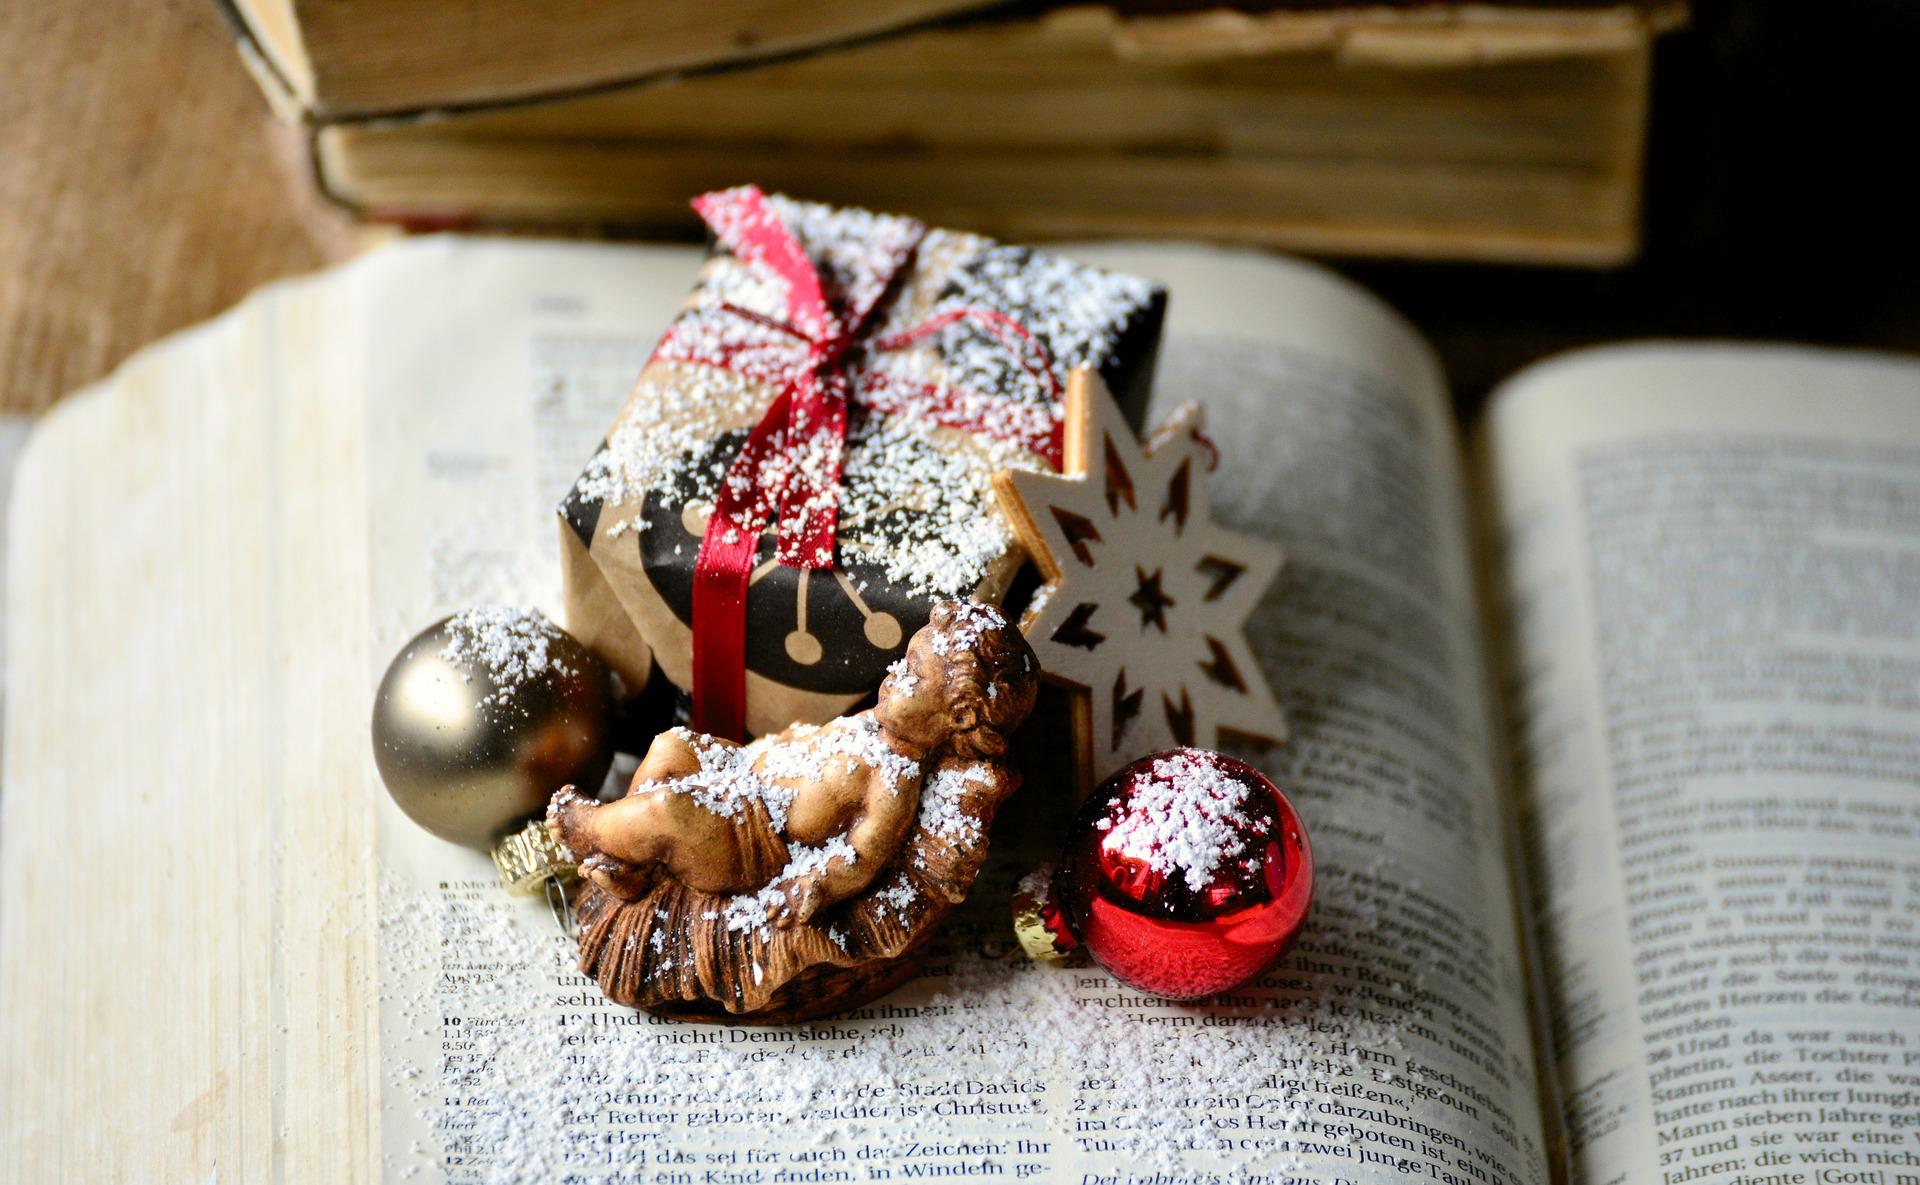 Weaving Scripture Through the Christmas Season